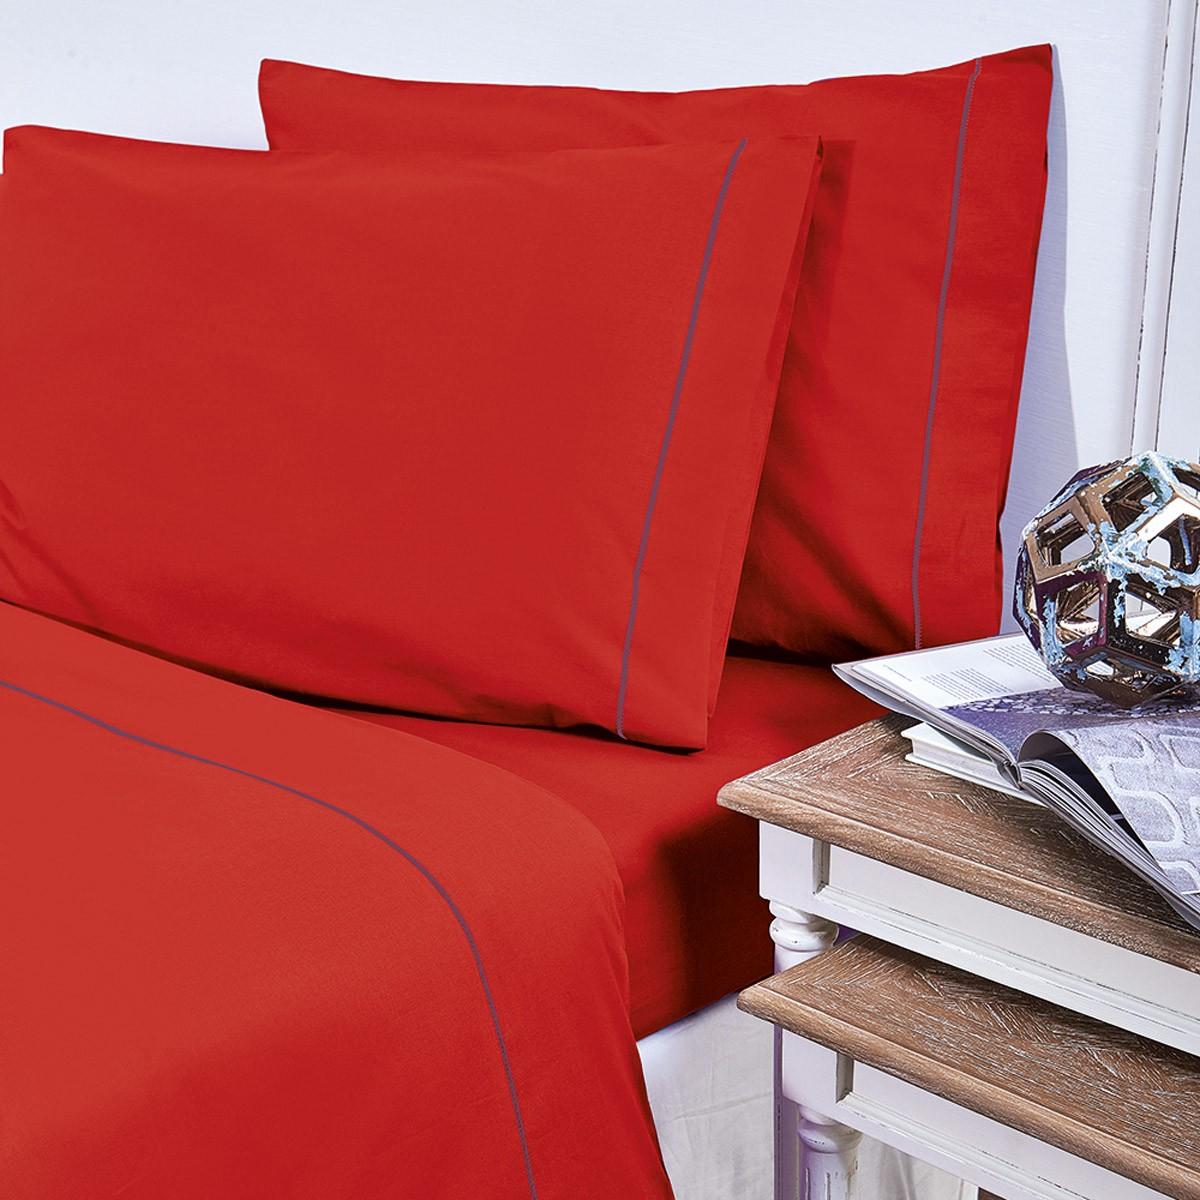 Παπλωματοθήκη Υπέρδιπλη V19.69 Arcobaleno Bello Red